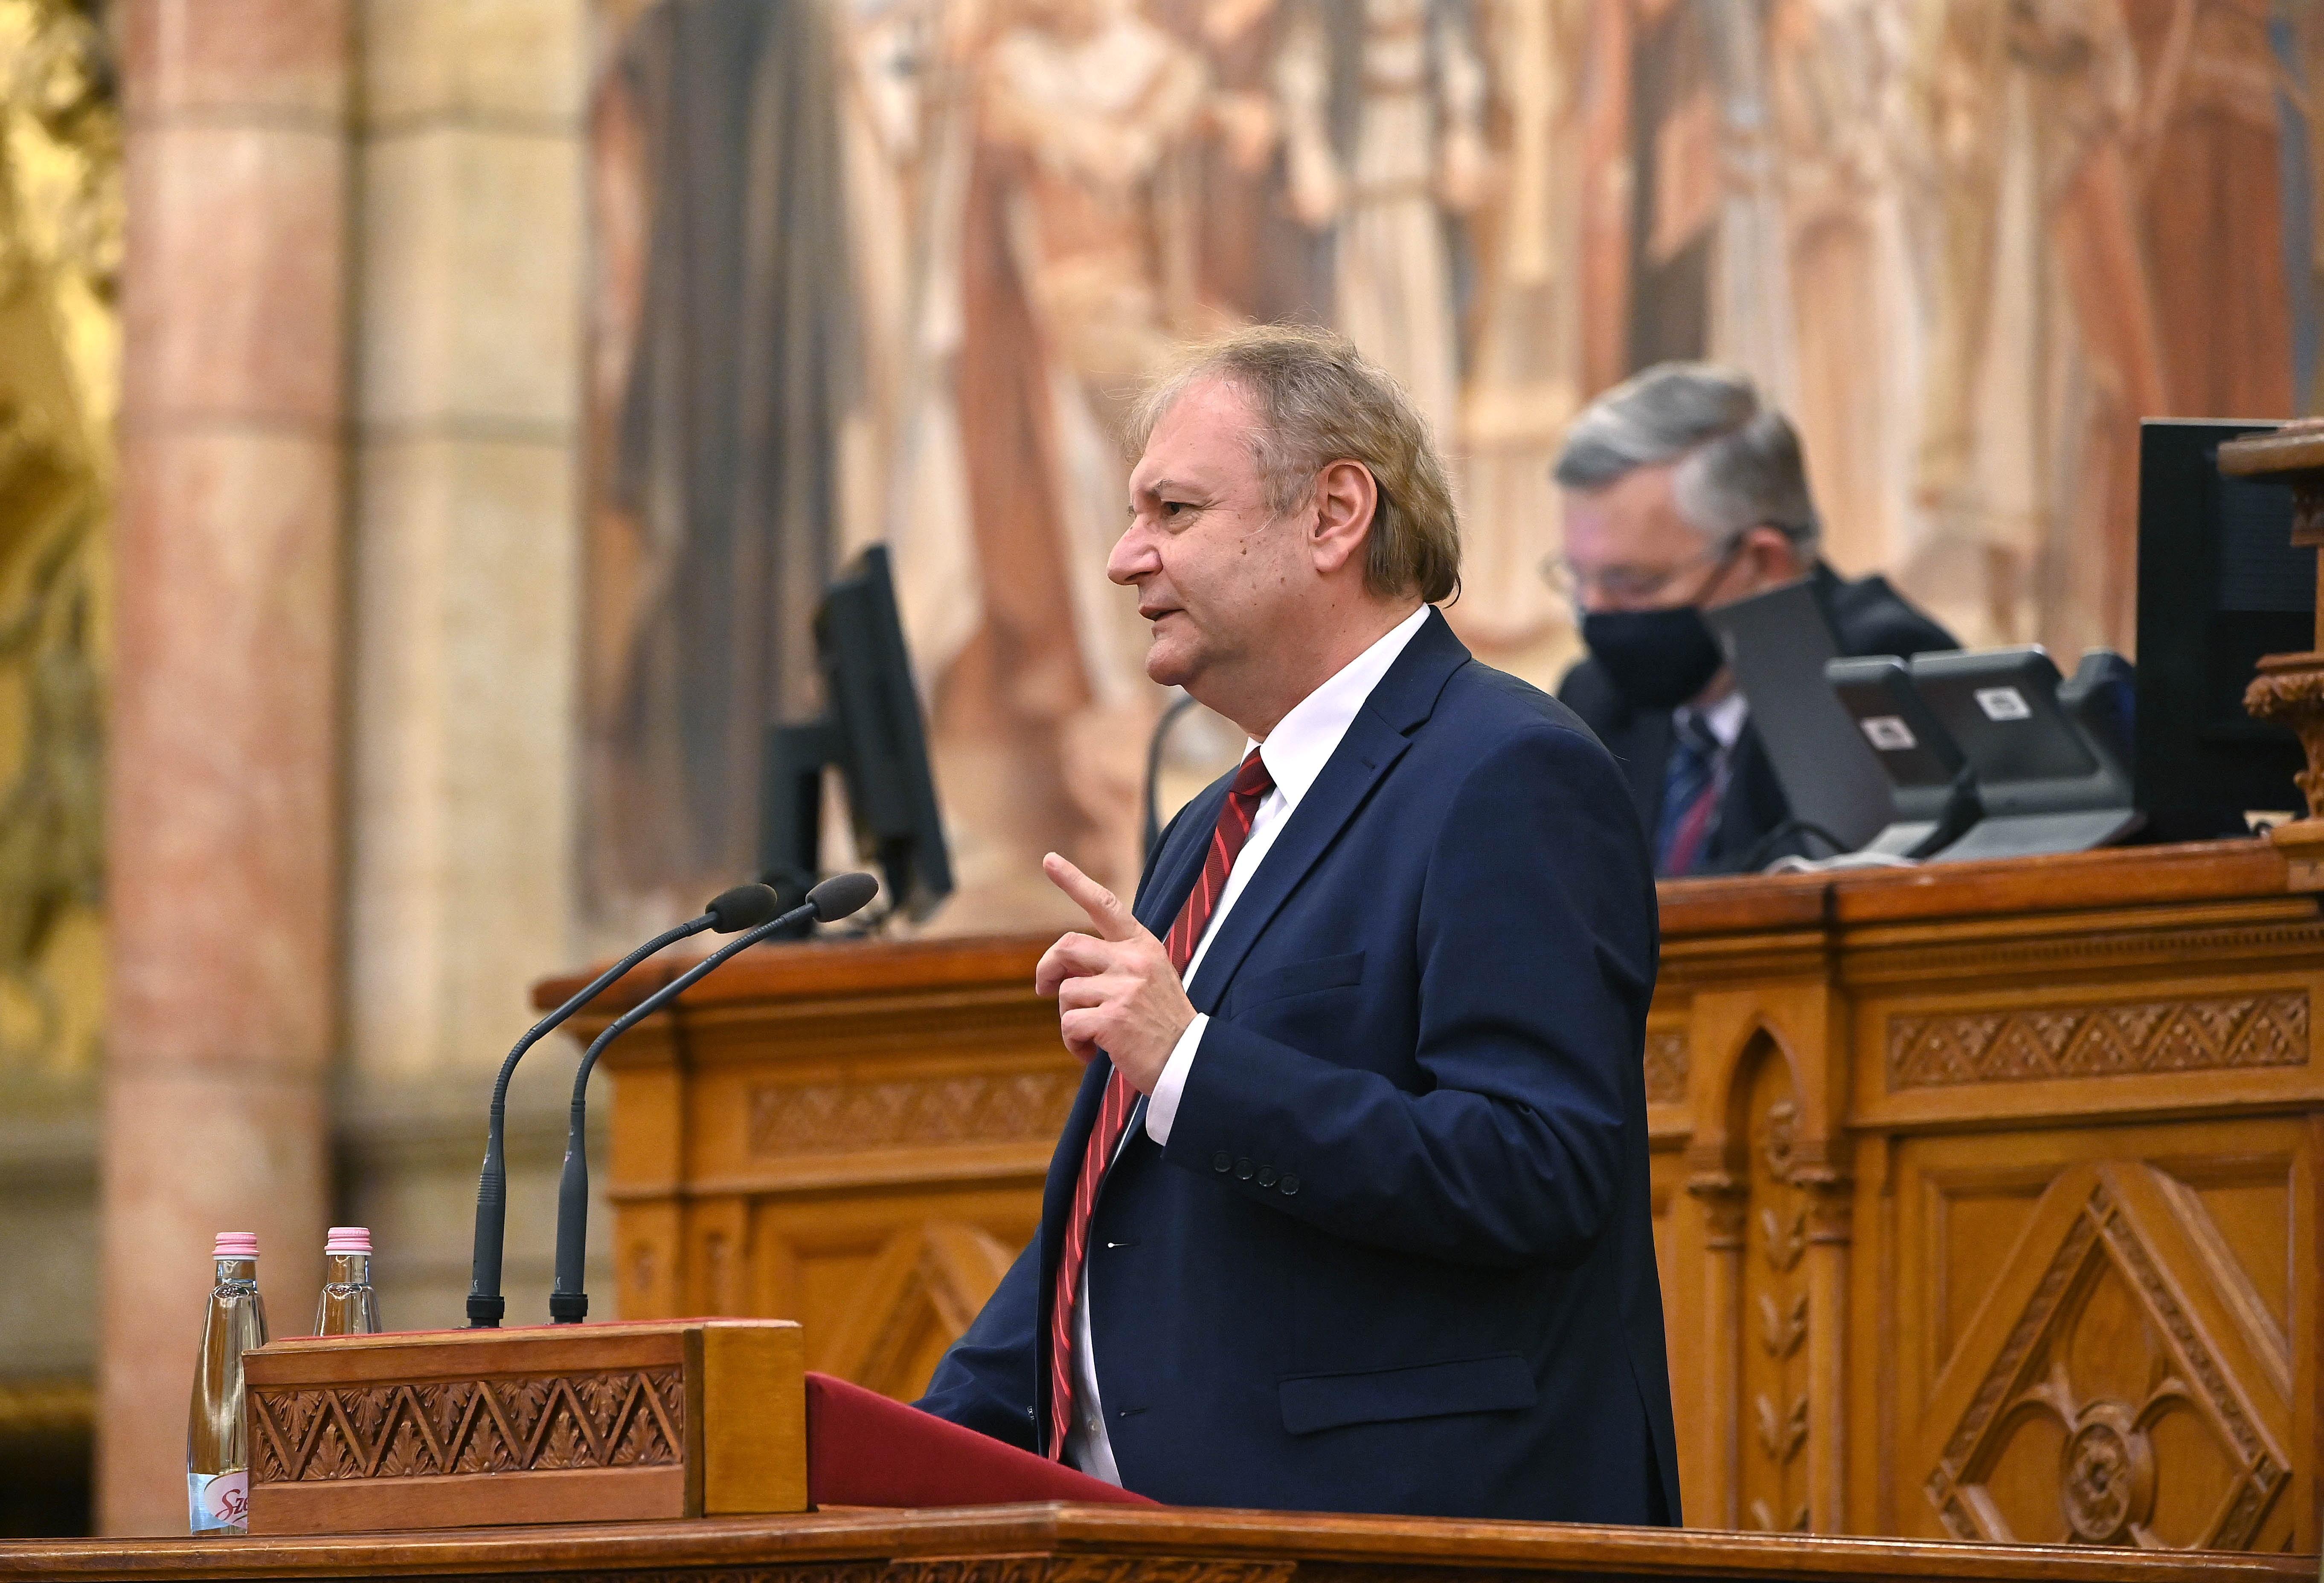 Az összes nagy ellenzéki párt Hiller Istvánt támogatja az előválasztáson